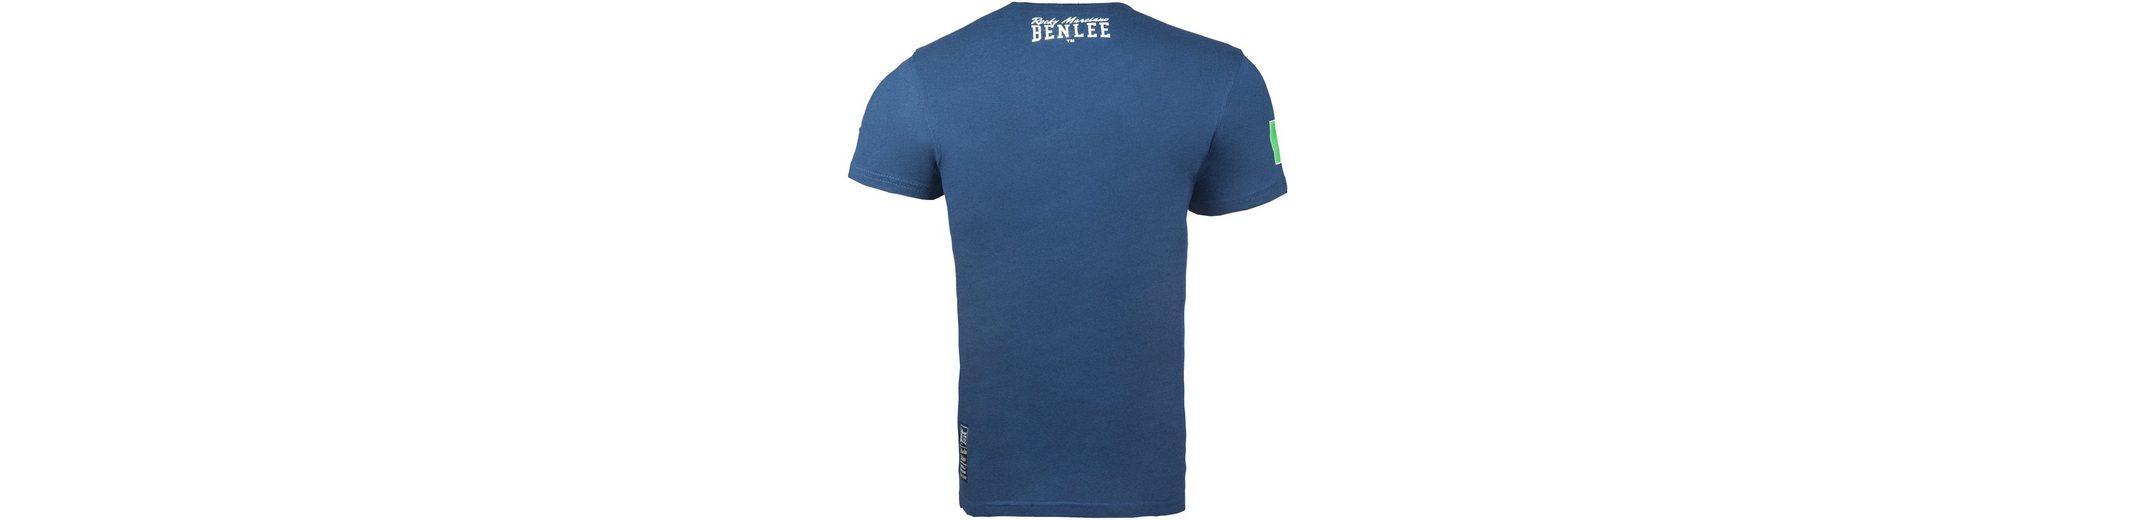 Heiß Benlee Rocky Marciano T-Shirt GYMNASIUM Billig Geniue Händler Outlet-Store Online Günstig Kaufen 2018 Unisex GgBTW6